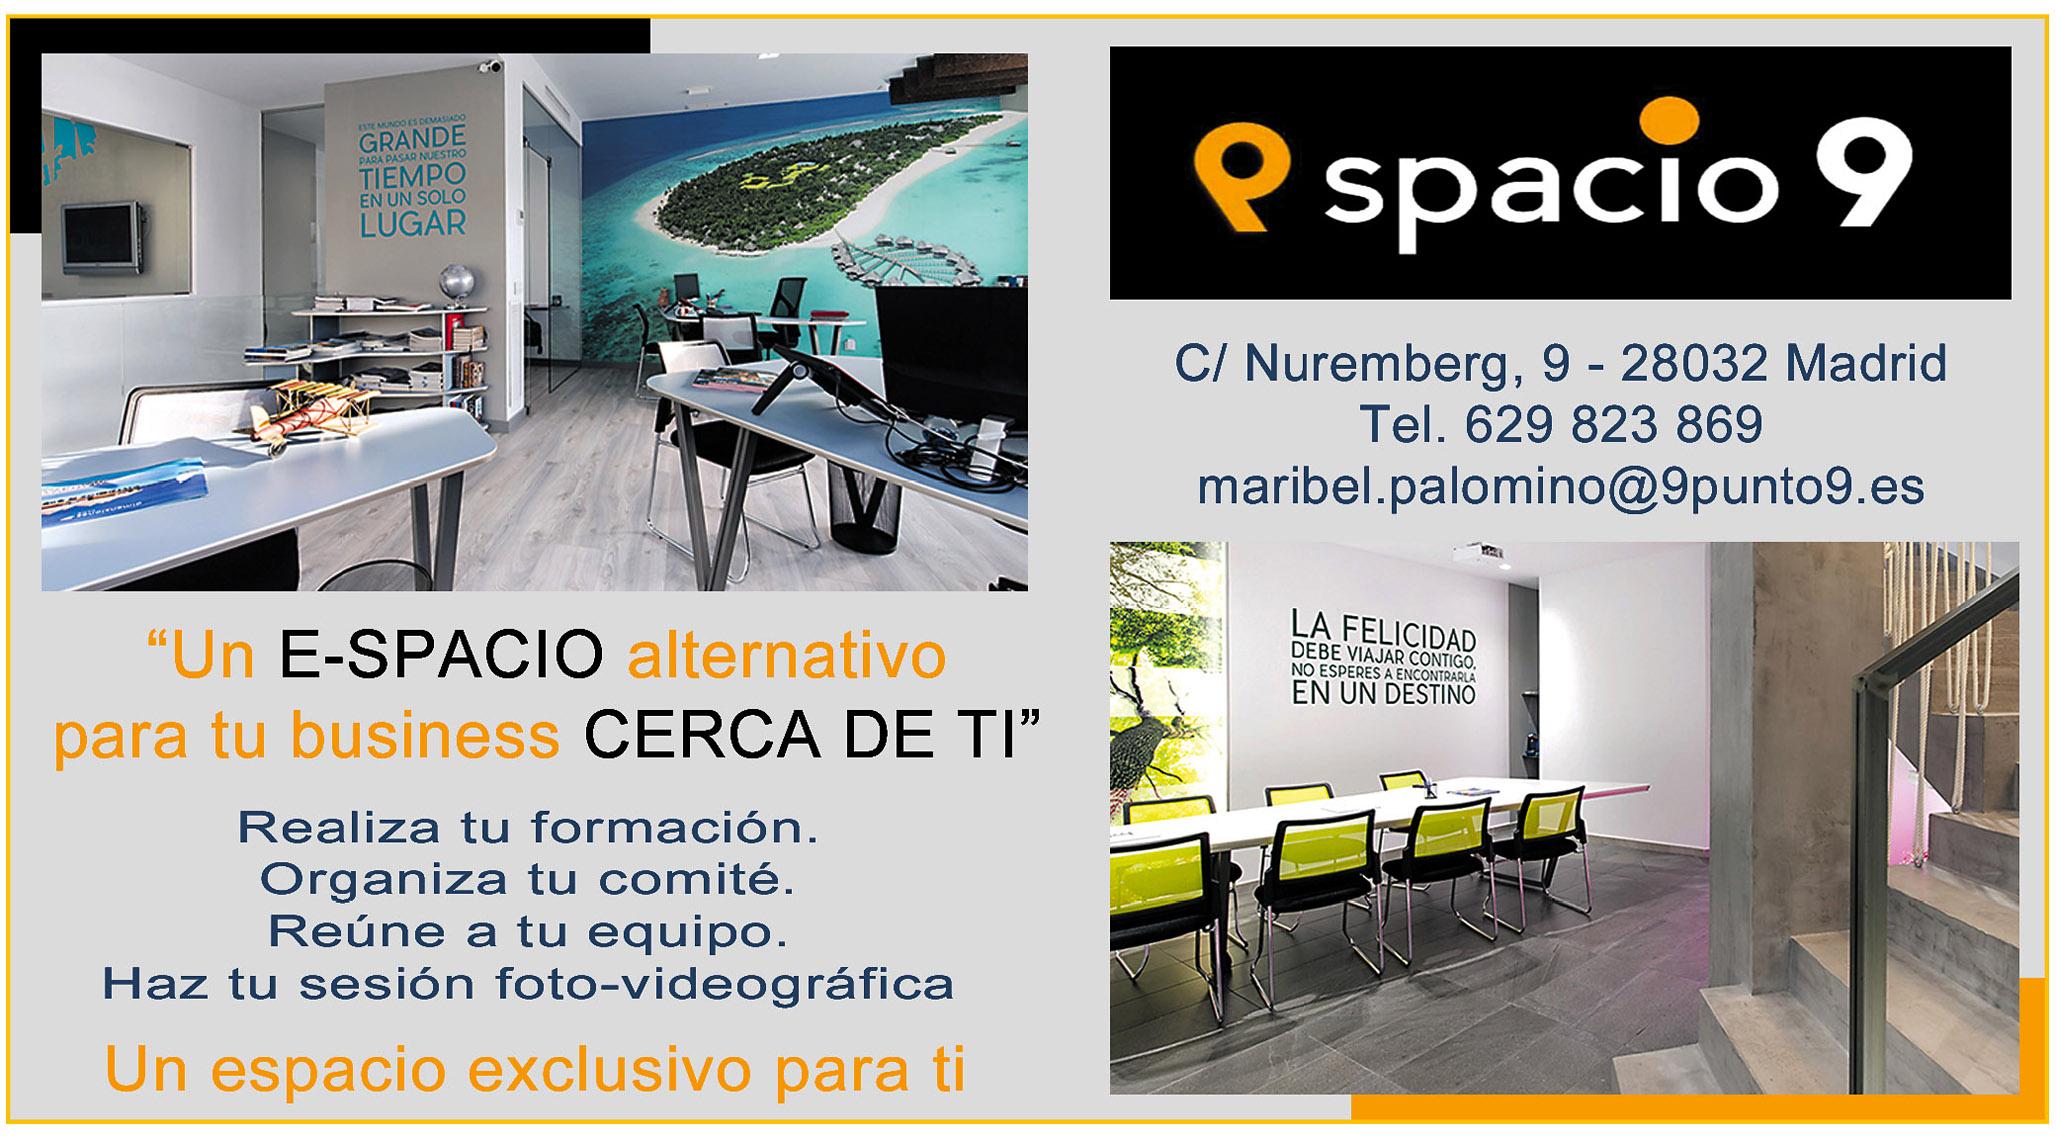 E-spacio 9, un centro cuyo valor esencial es el espacio